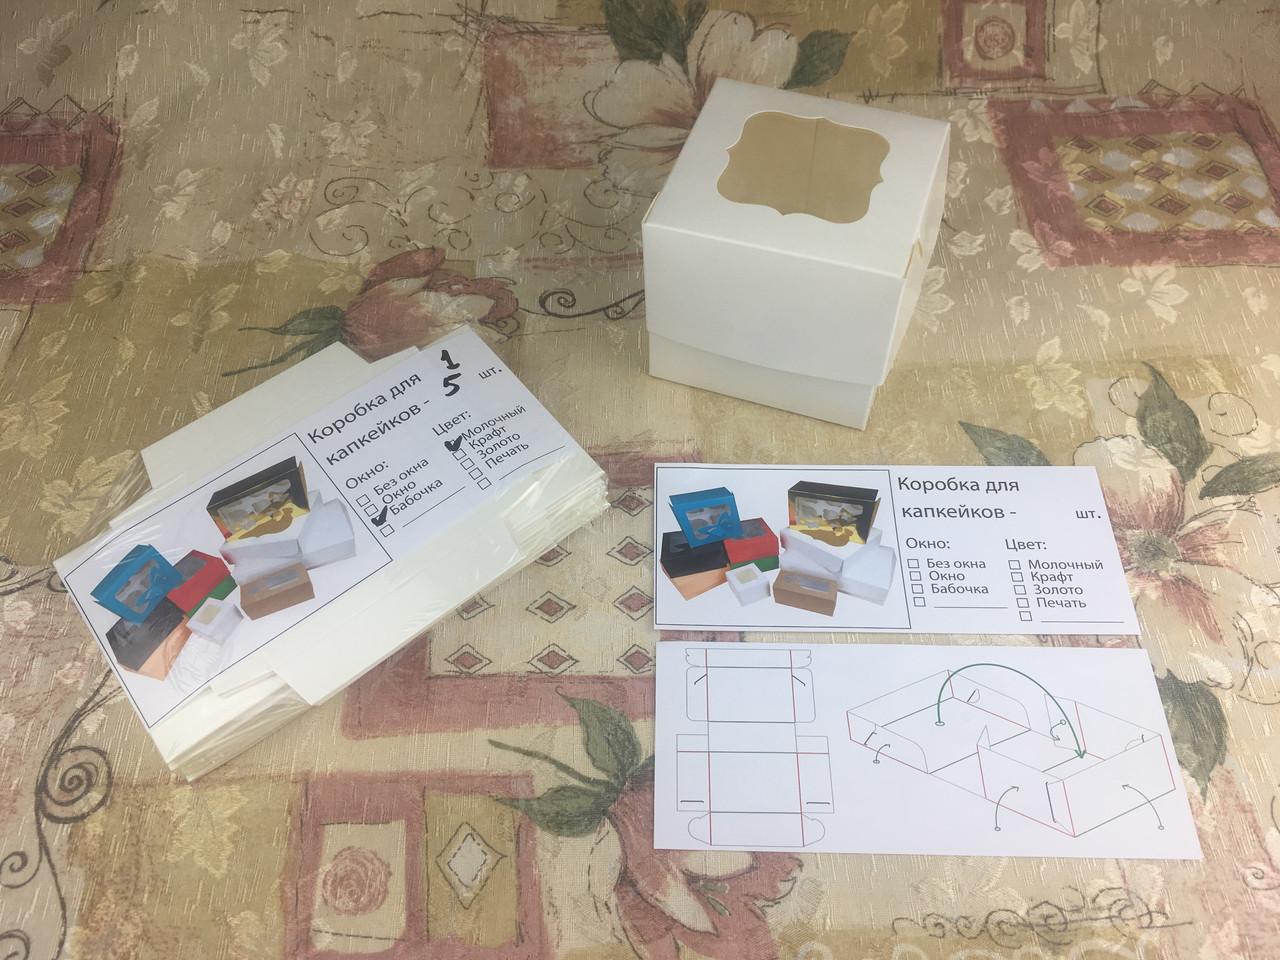 Коробка для 1-ого кекса / 100х100х90 мм / Молочн / окно-обычн